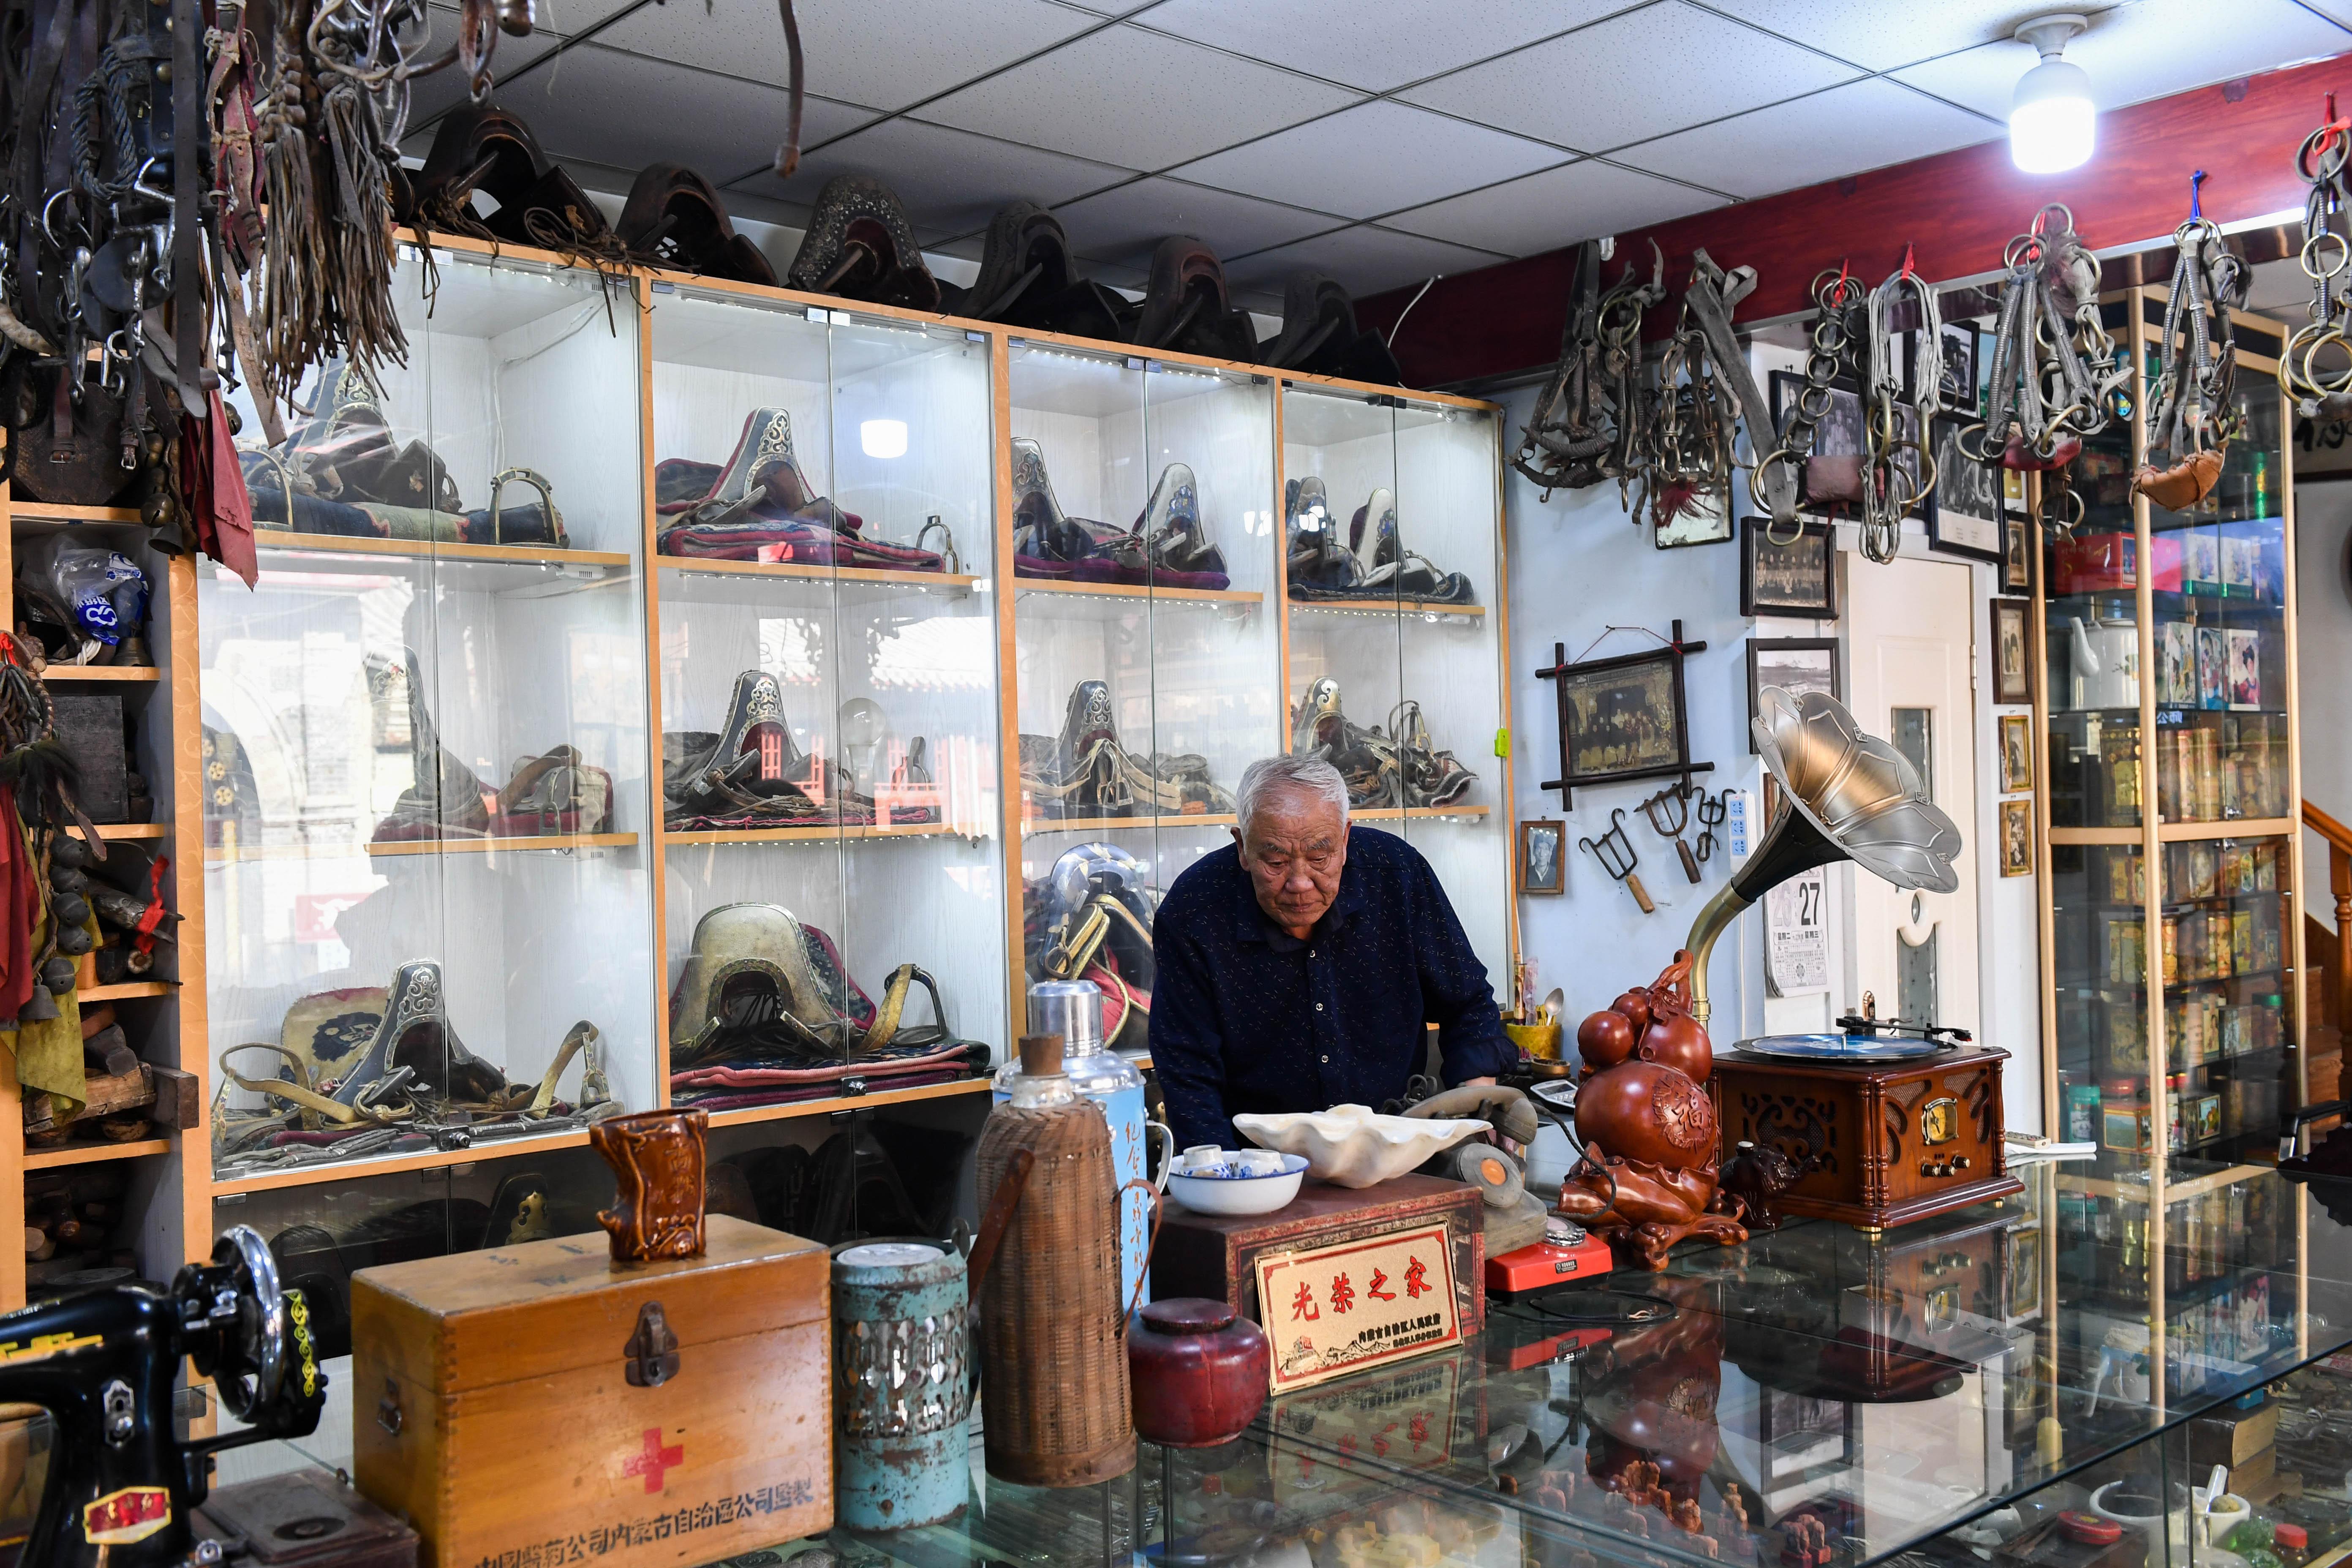 モンゴル族の民具を1000点以上 70代男性が私設博物館を開設